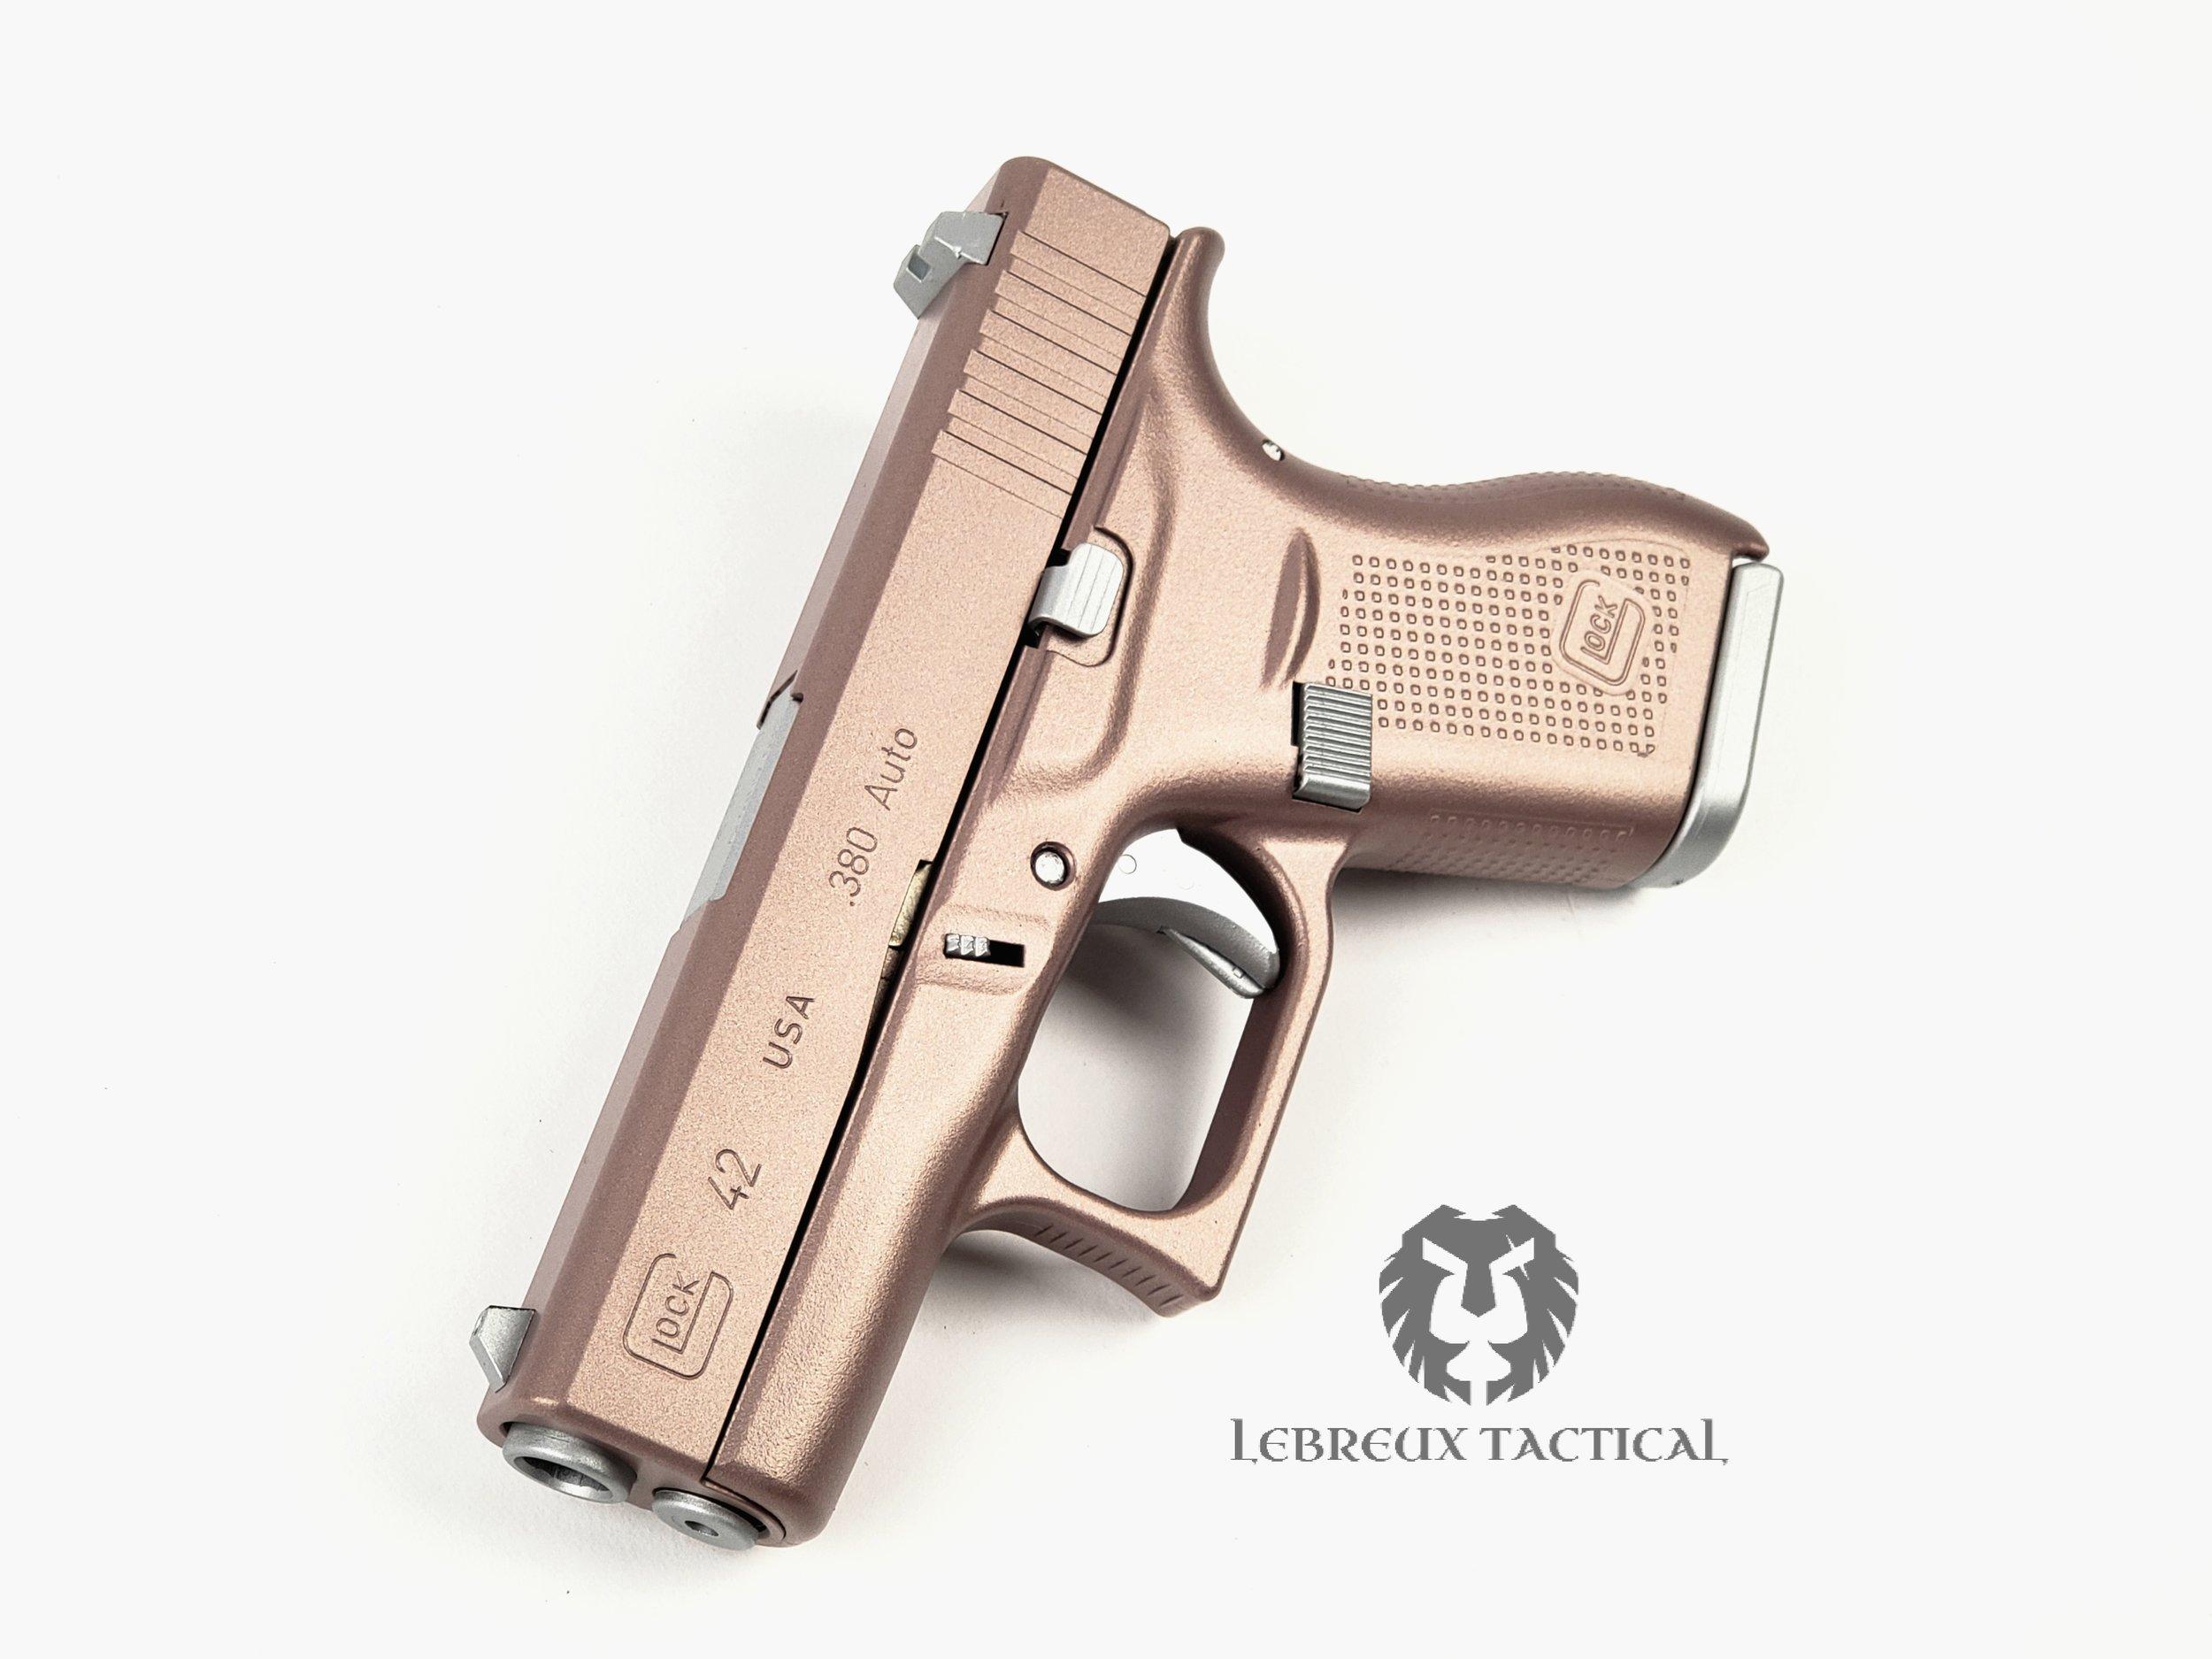 LT Rose gold gun stainless.jpg